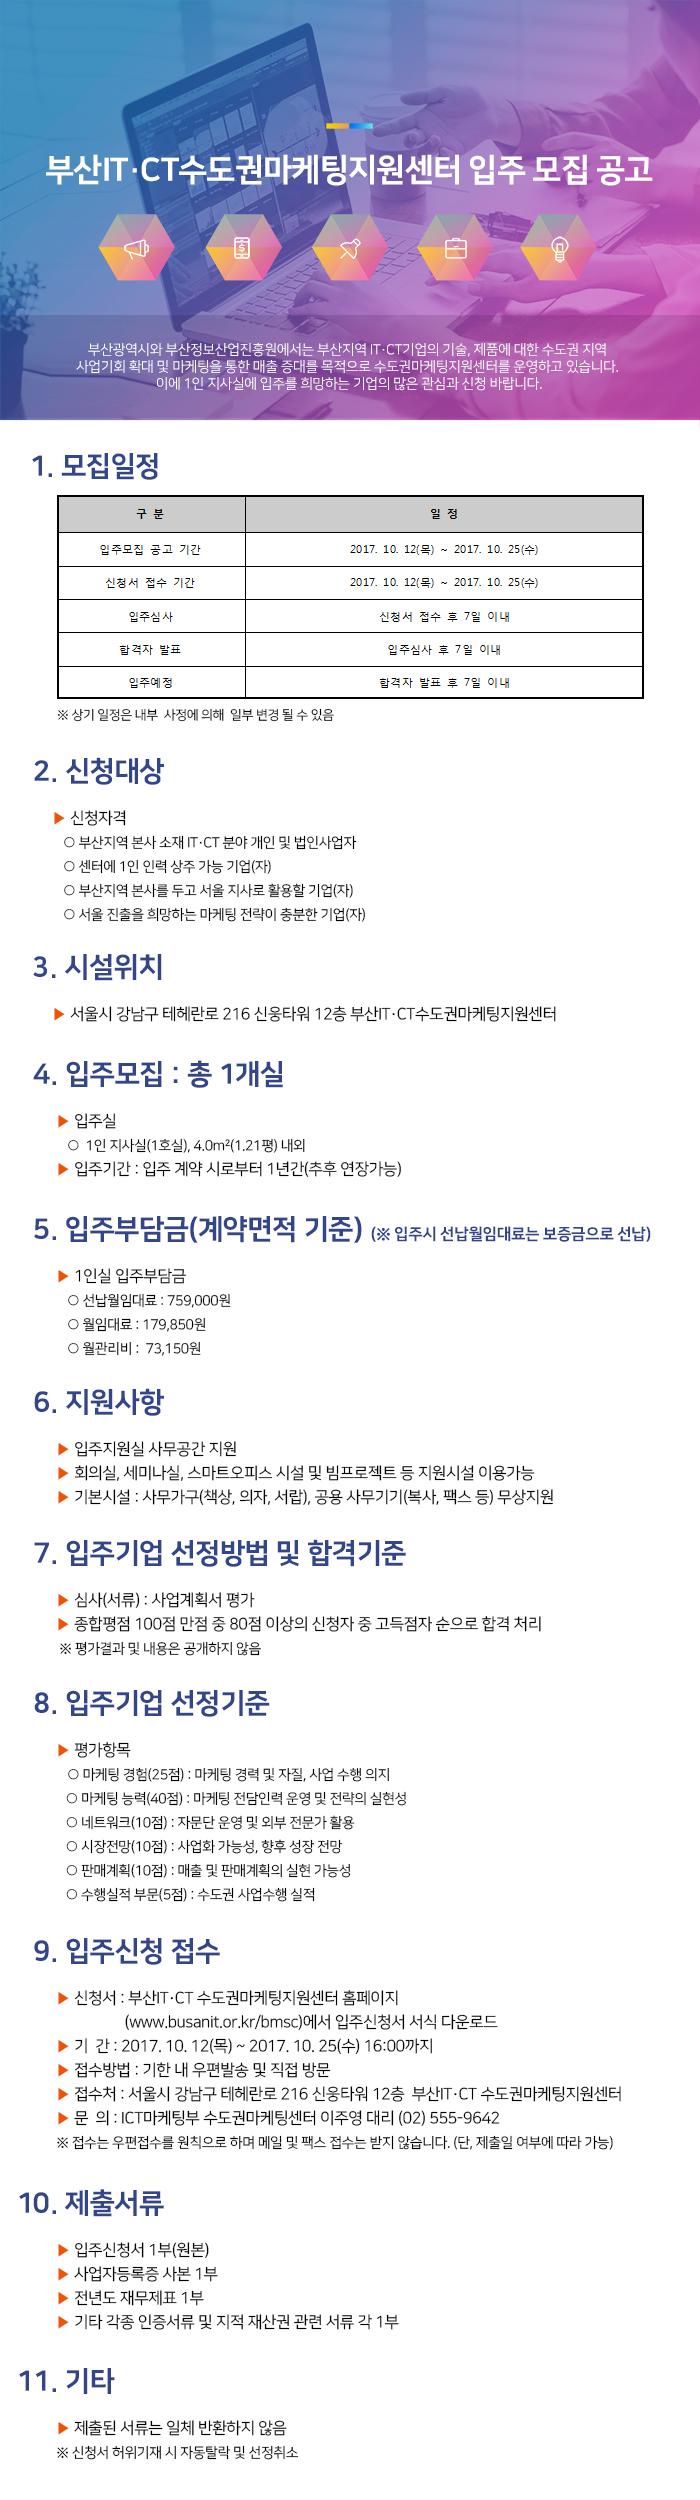 부산IT·CT수도권마케팅지원센터 6차 입주 모집 공고